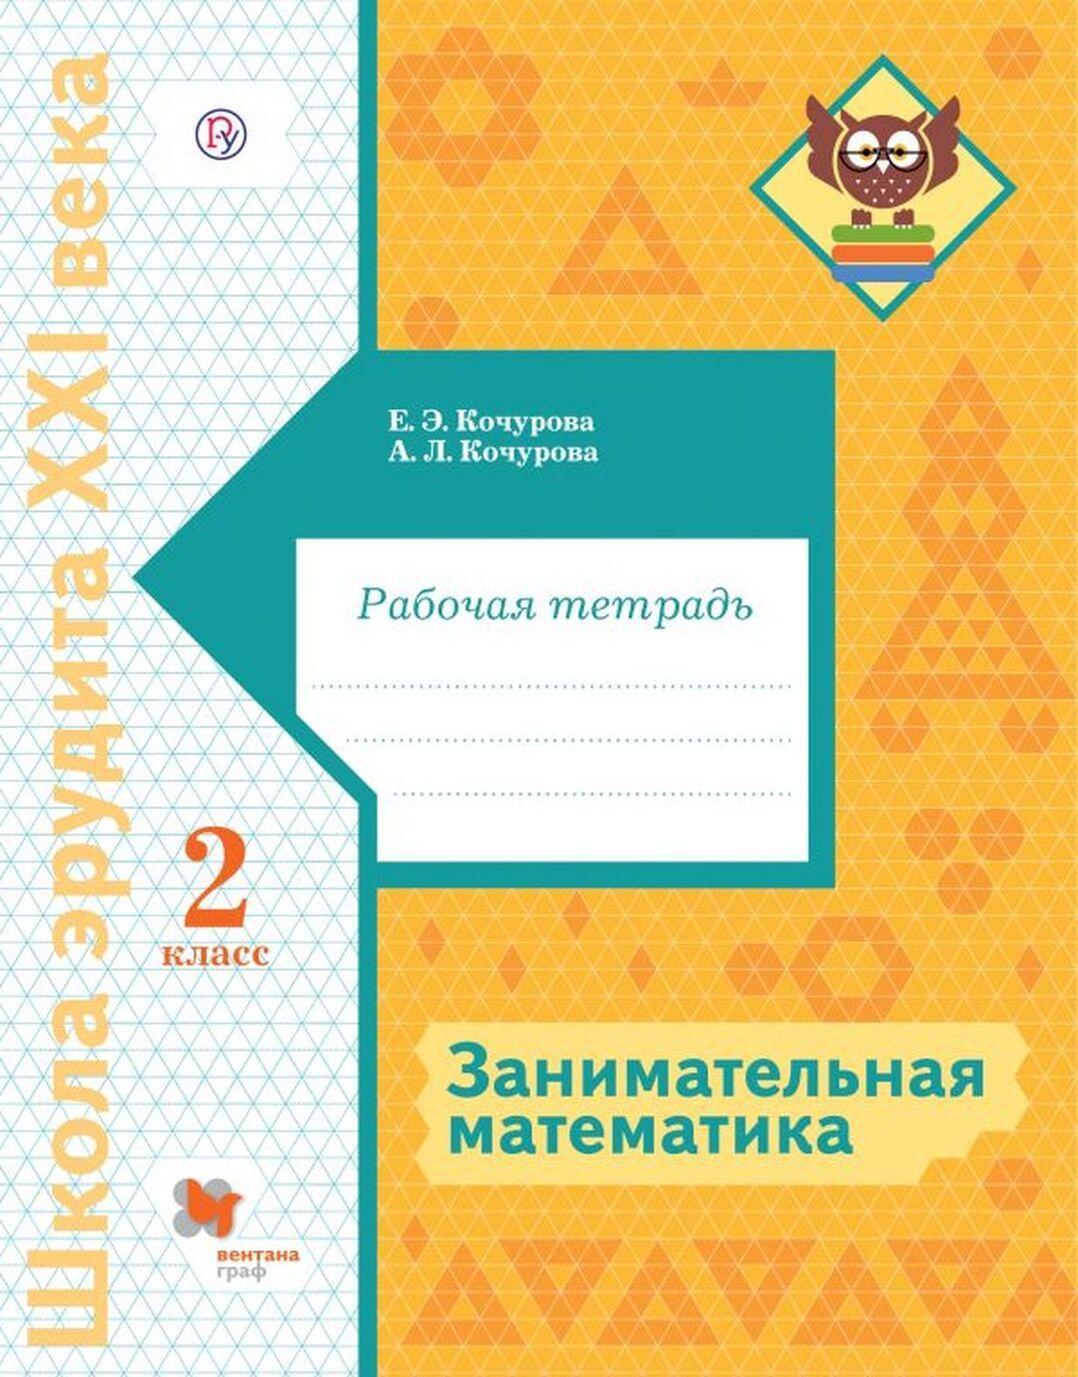 Zanimatelnaja matematika. 2 klass. Rabochaja tetrad | Kochurova Elena Eduardovna, Kochurova Anna Leonidovna